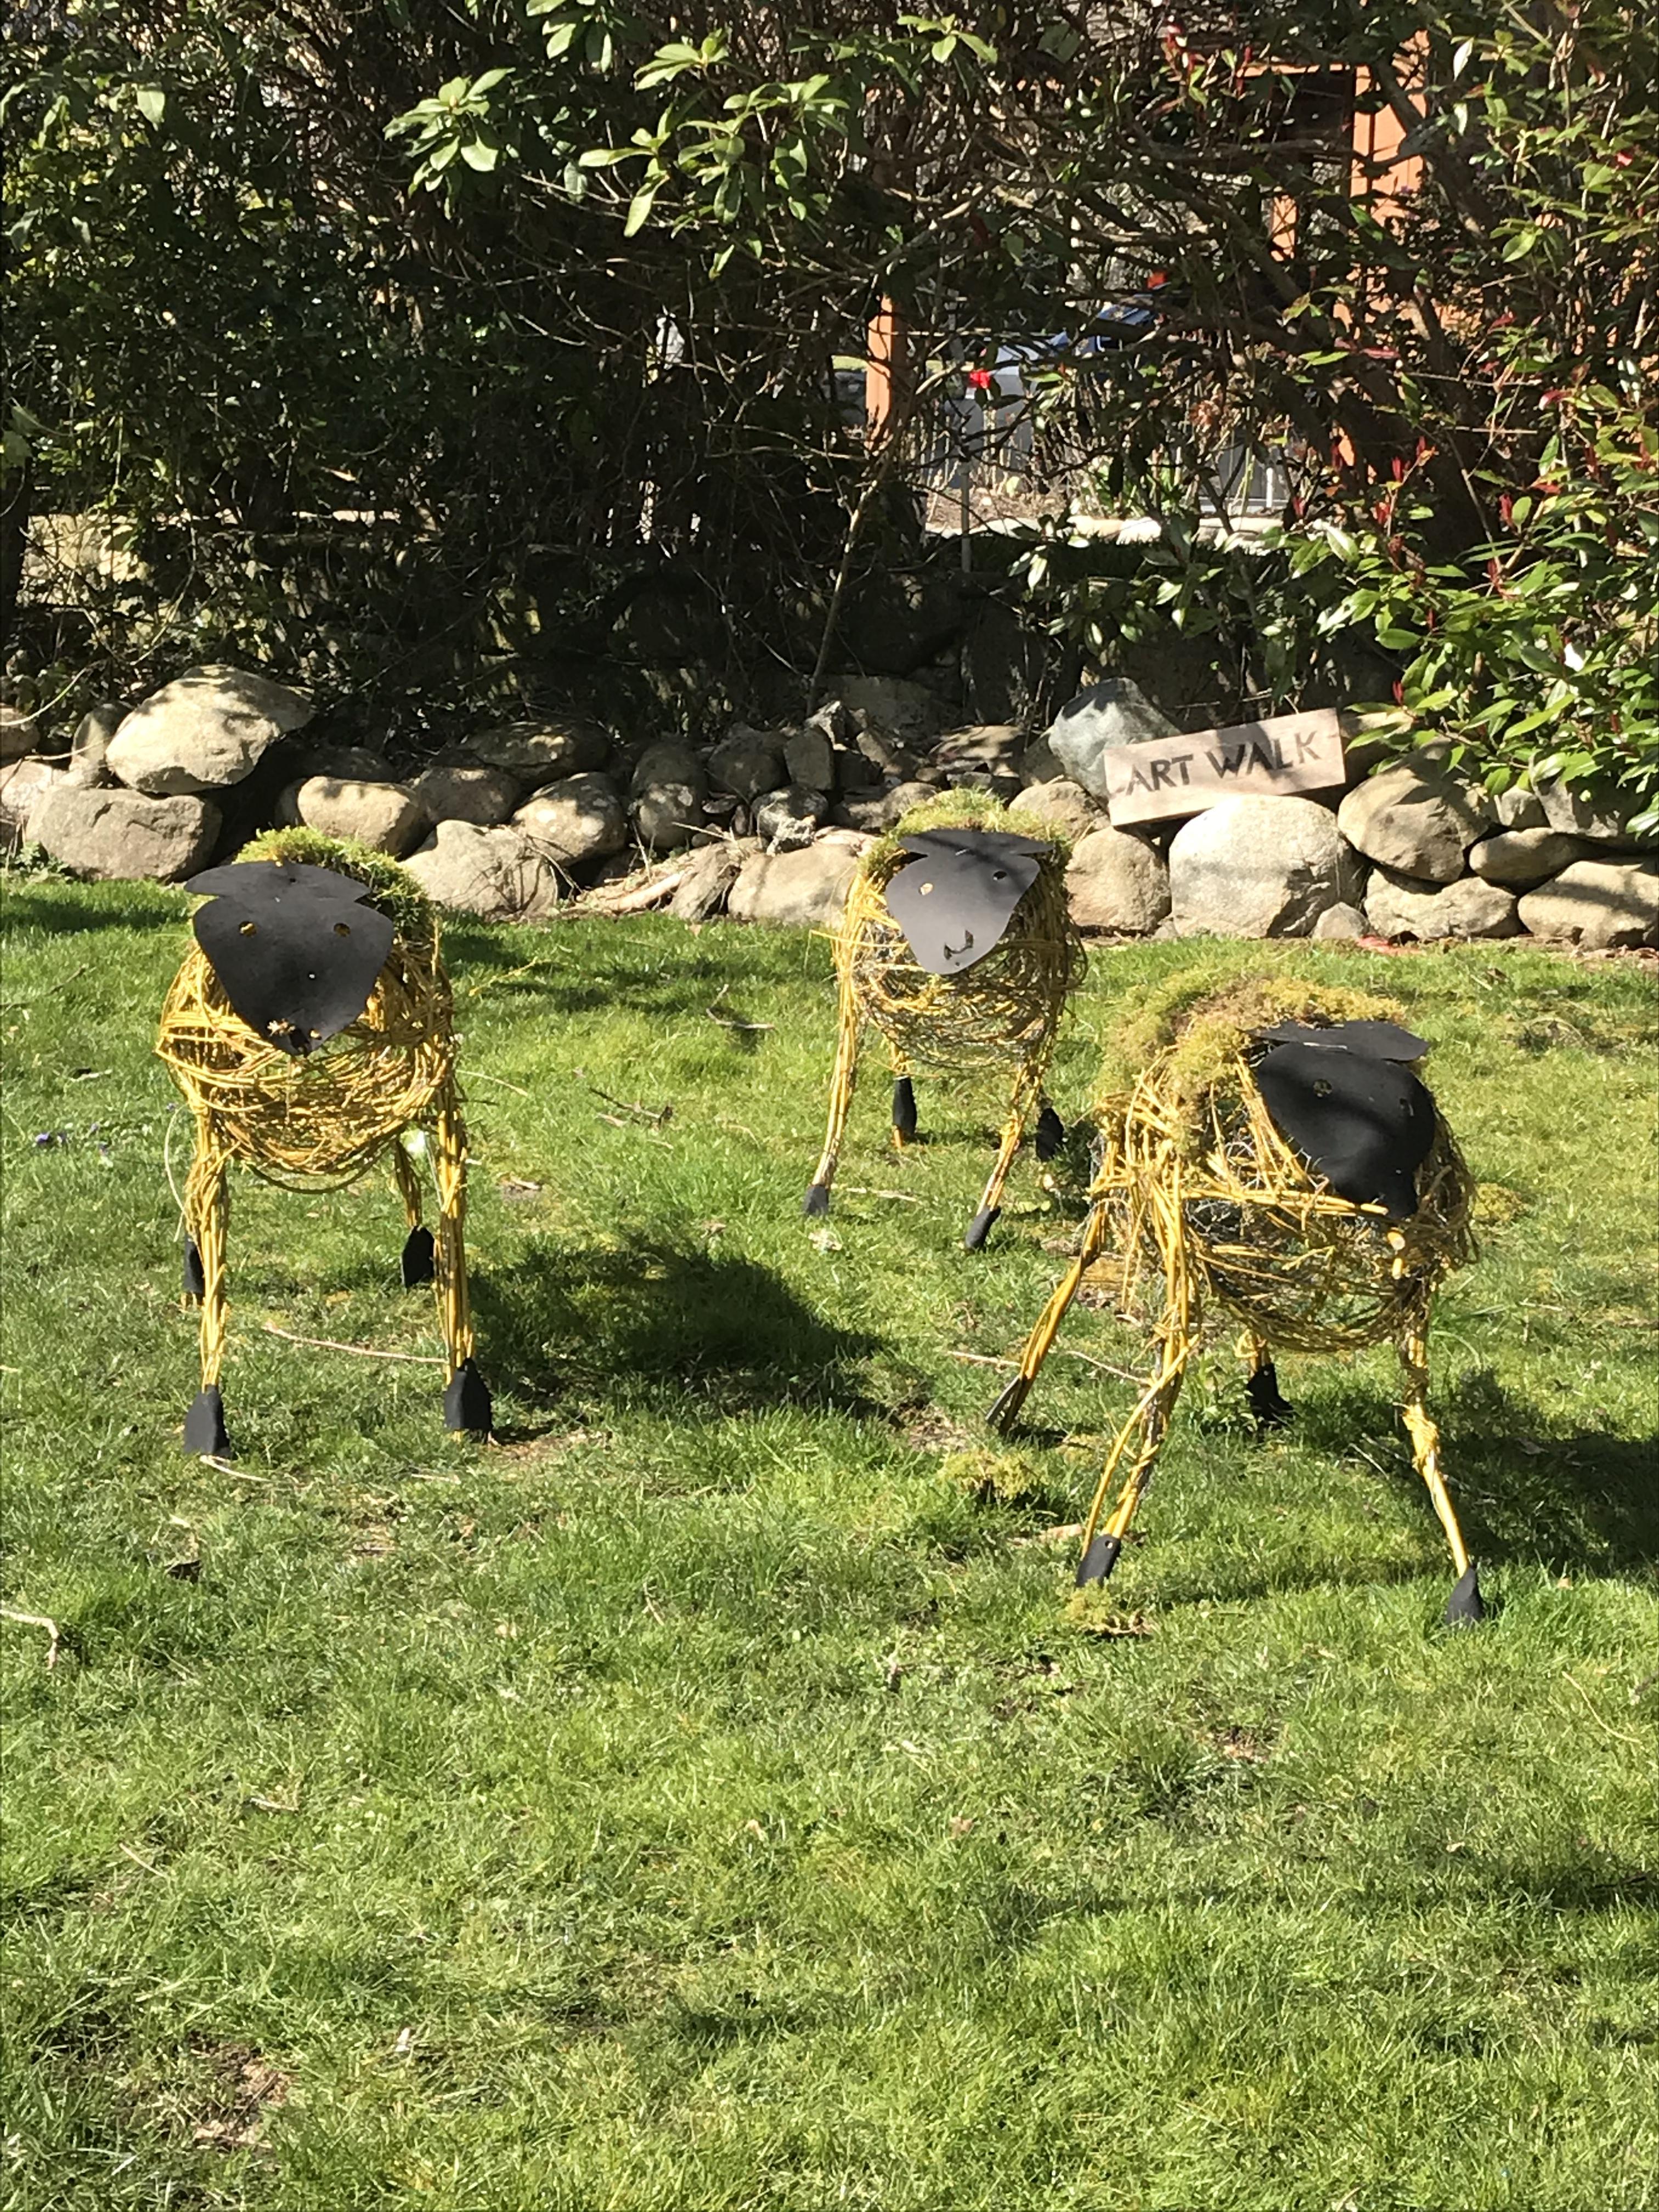 Lambs in Garden